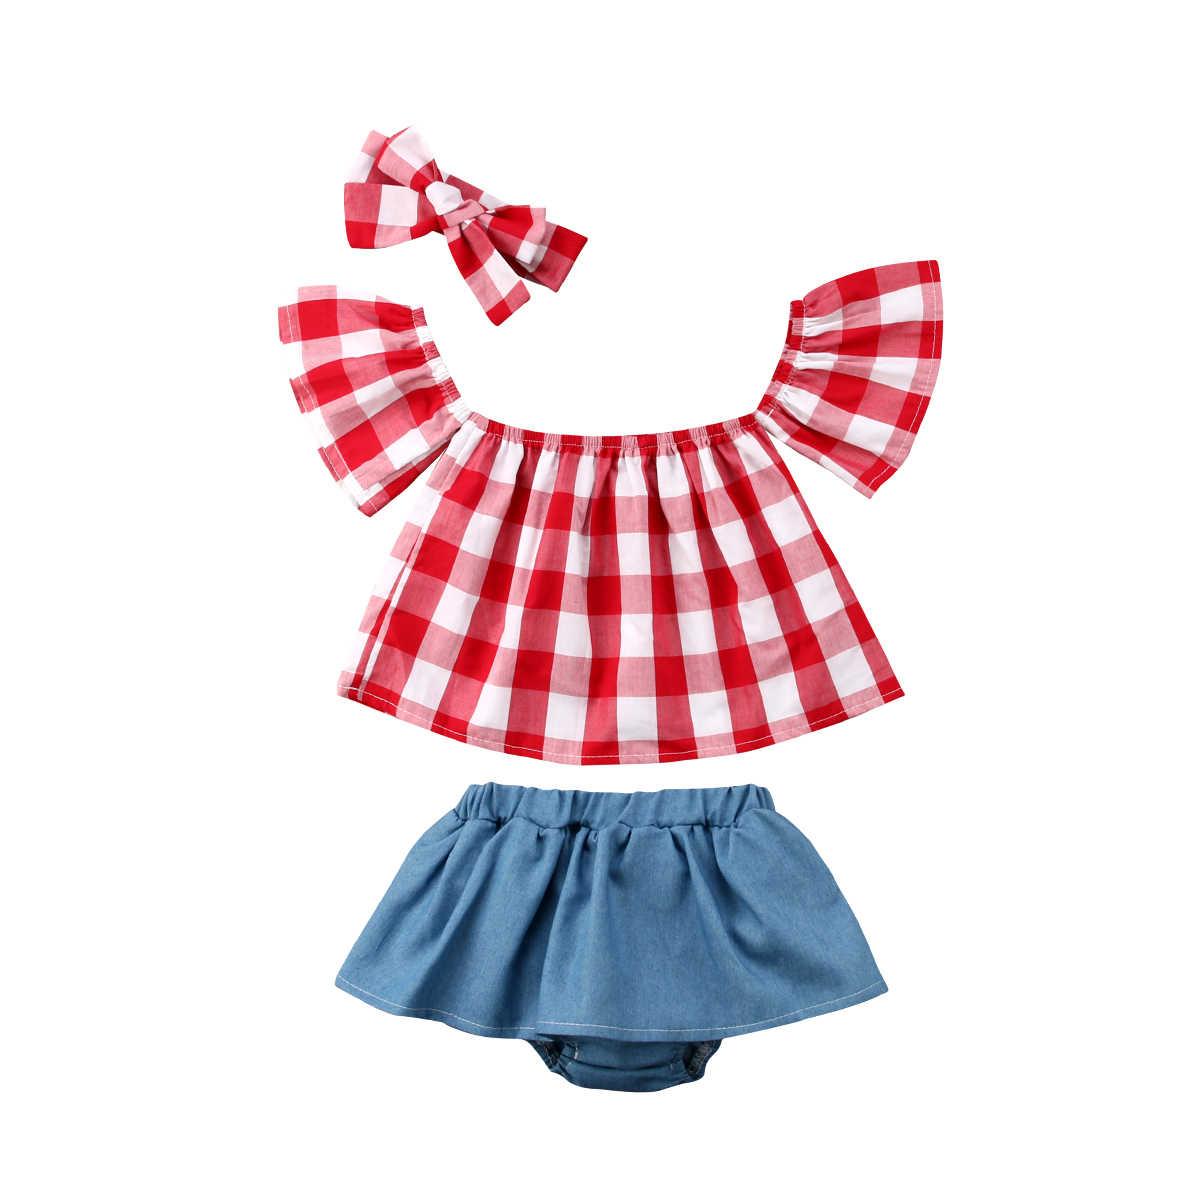 27477d6e3 3PCS Toddler Kids Baby Girls Clothing Summer T-shirt Tops Short Sleeve  Short Headbands Outfits